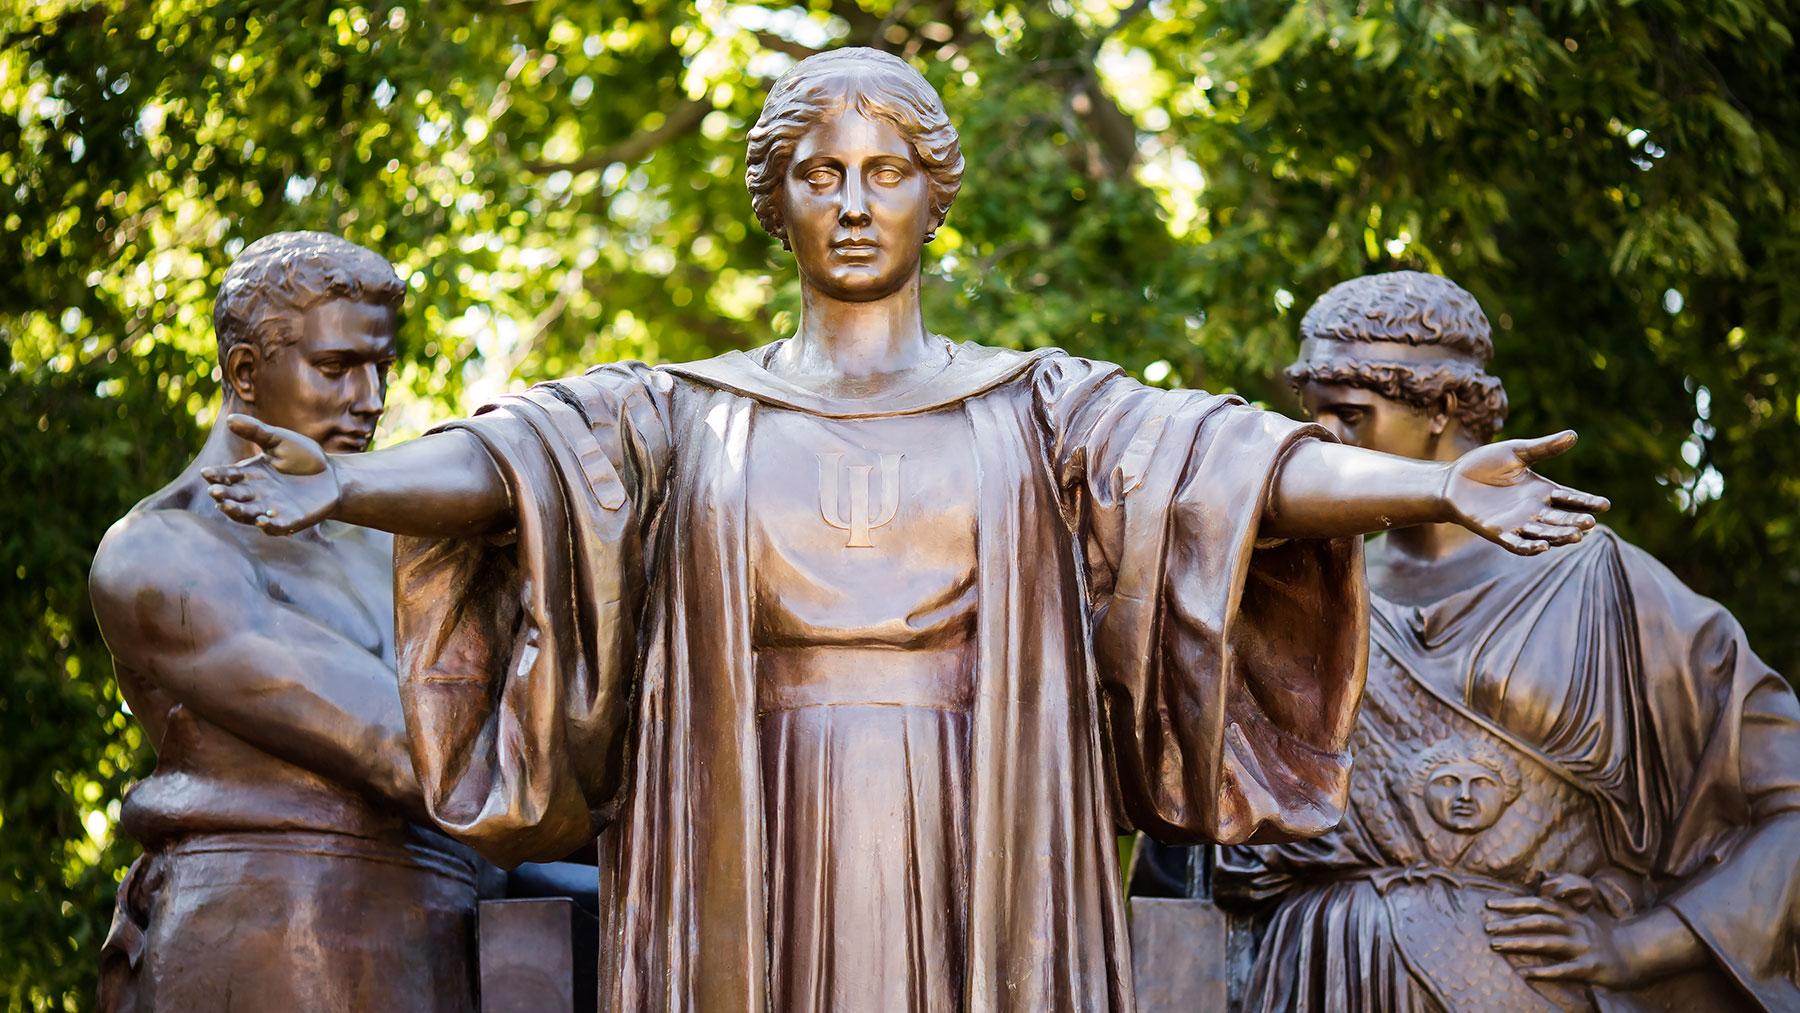 The Alma Mater statue